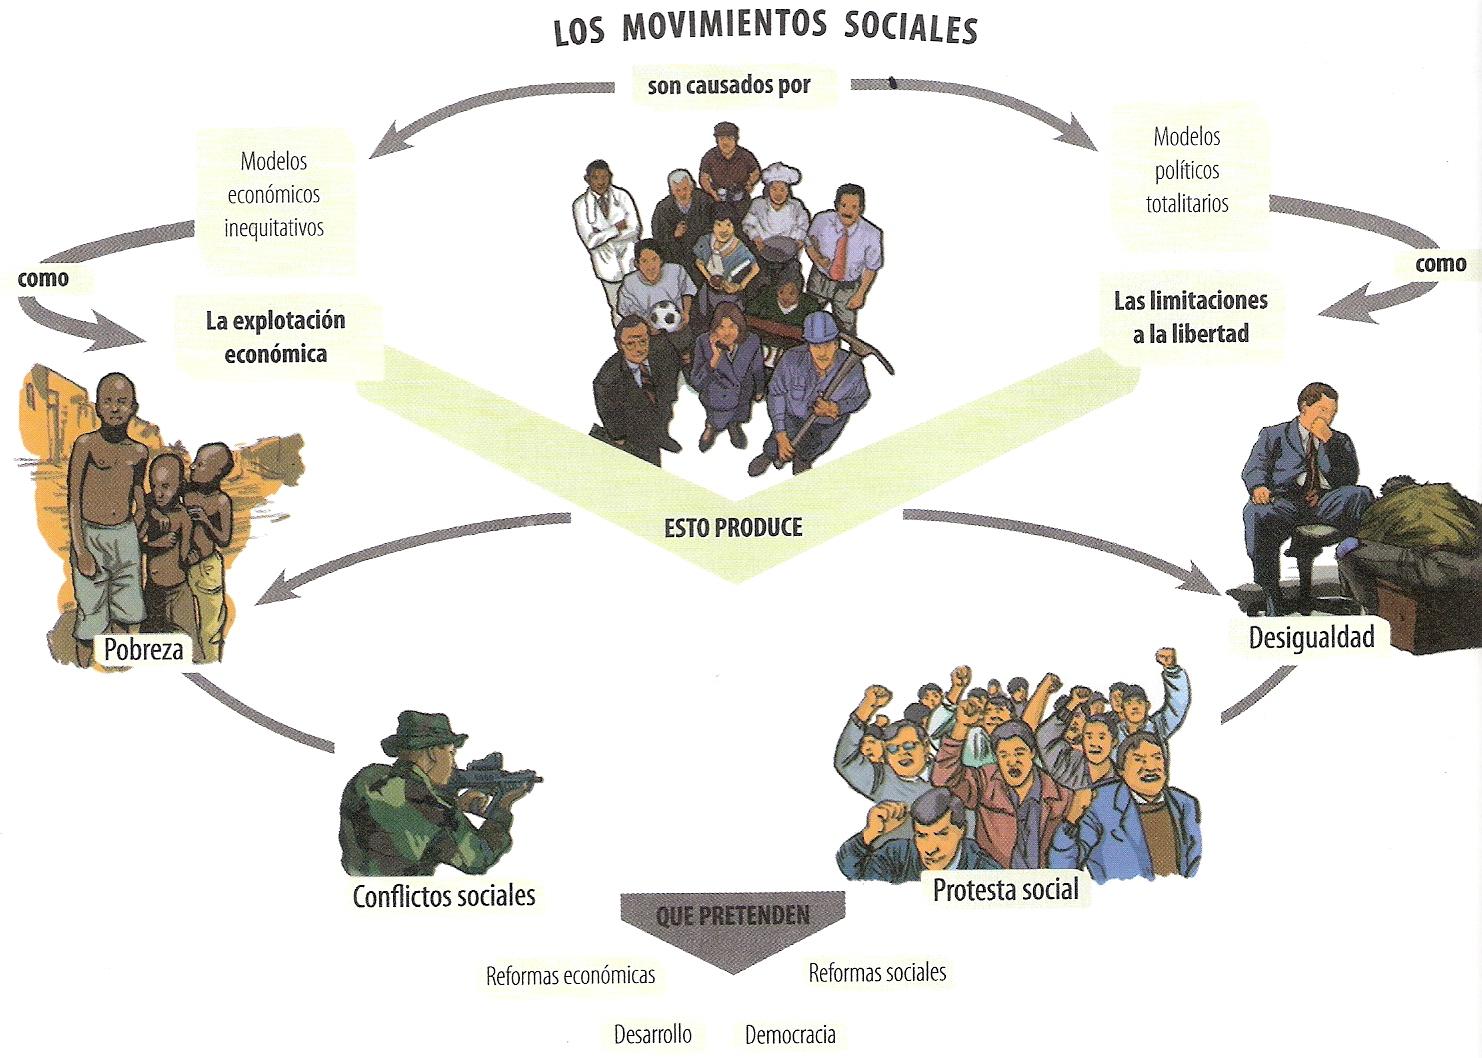 CIENCIAS SOCIALES - GRADO DECIMO: REFORMAS SOCIALES EN AMERICA LATINA